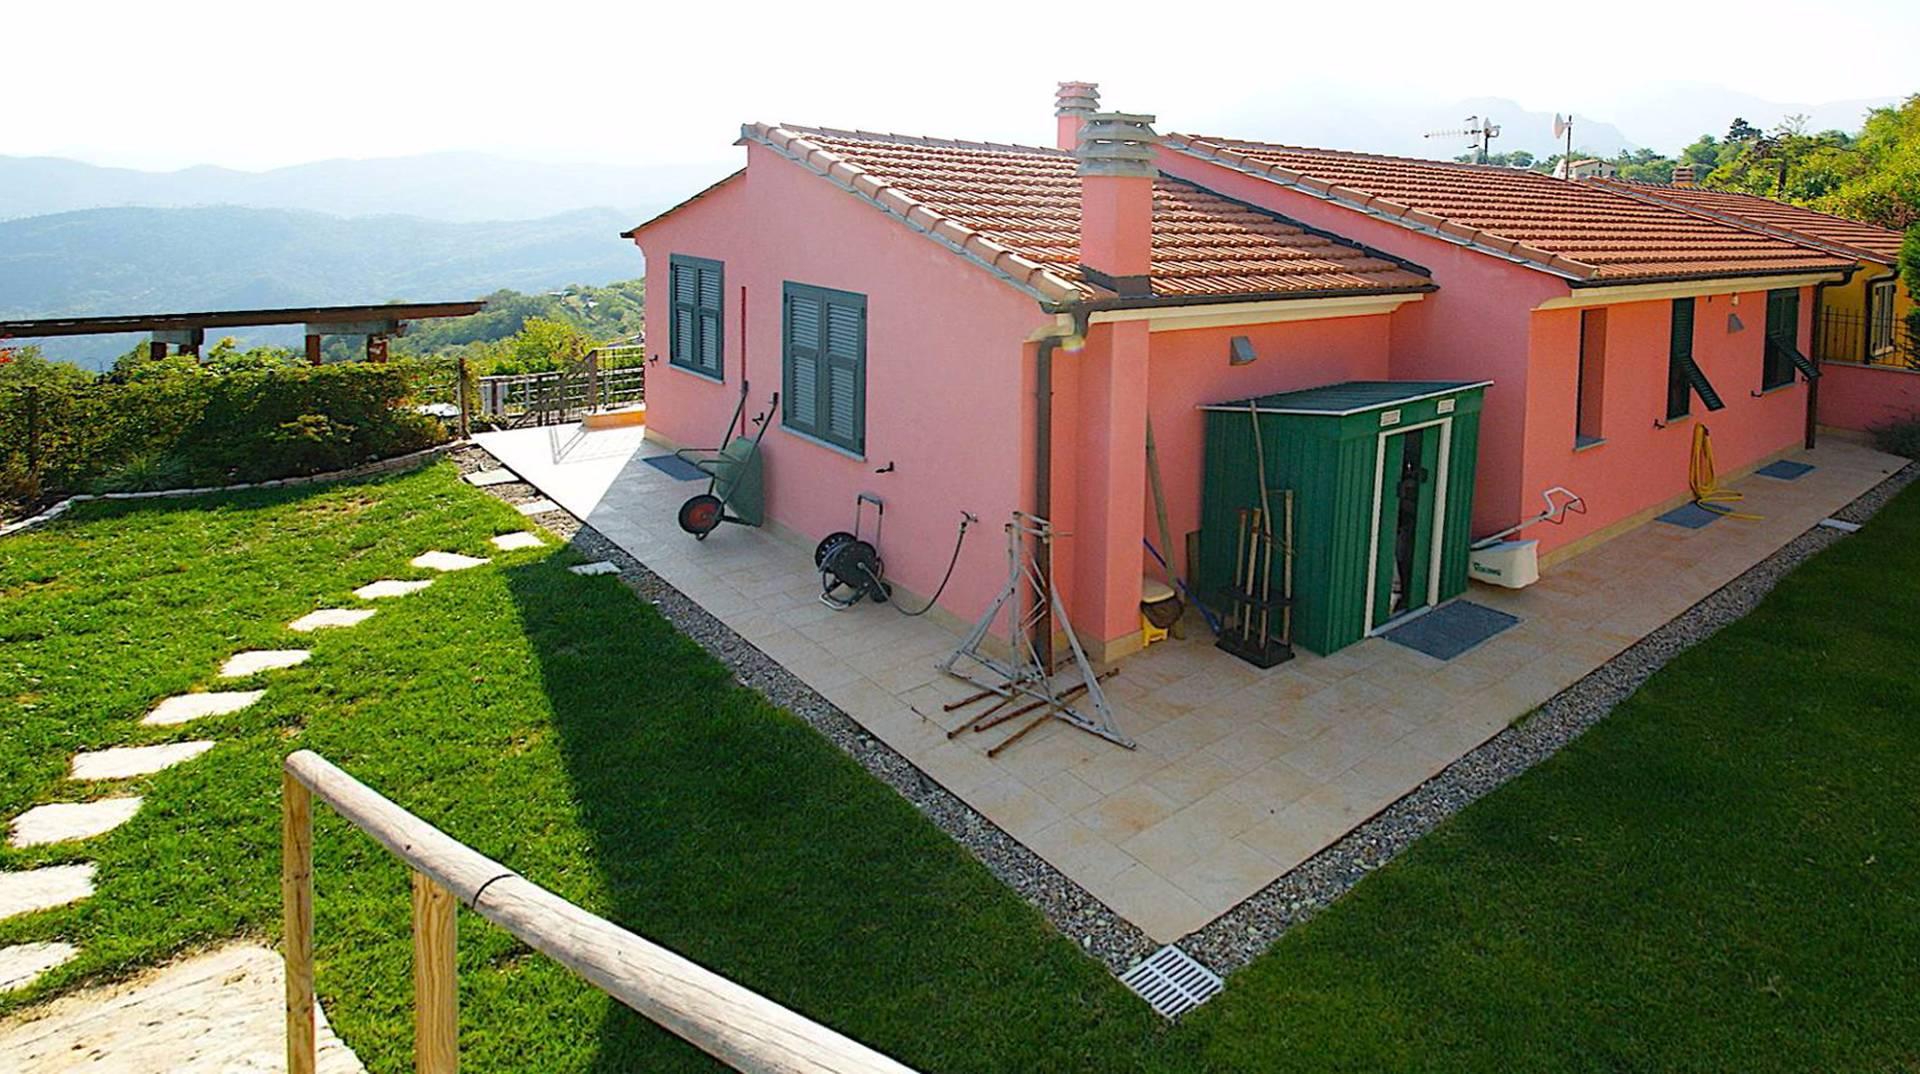 Villa in vendita a Tovo San Giacomo, 5 locali, prezzo € 520.000 | CambioCasa.it